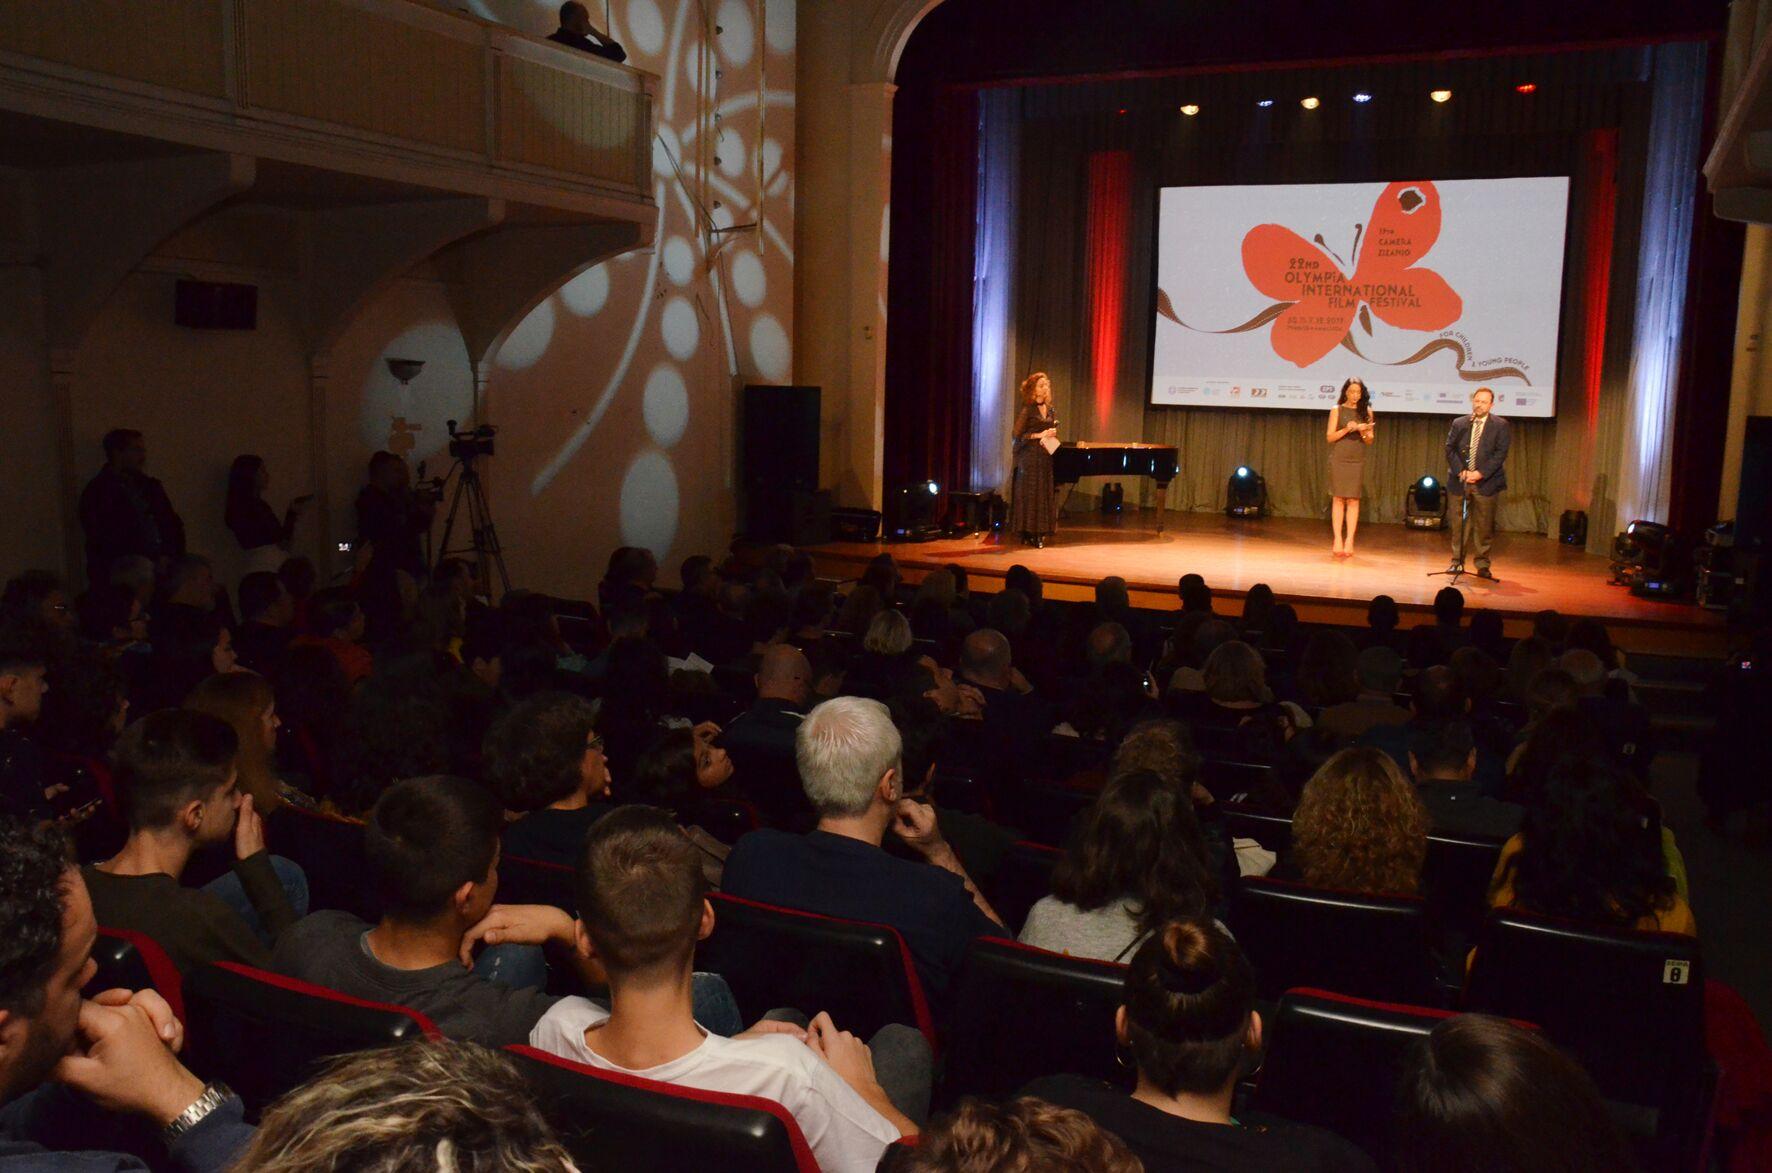 Πύργος: Στον κατάμεστο «Απόλλωνα» χθες η έναρξη του 22ου Διεθνούς Φεστιβάλ Κινηματογράφου Ολυμπίας για Παιδιά και Νέους (Photos)